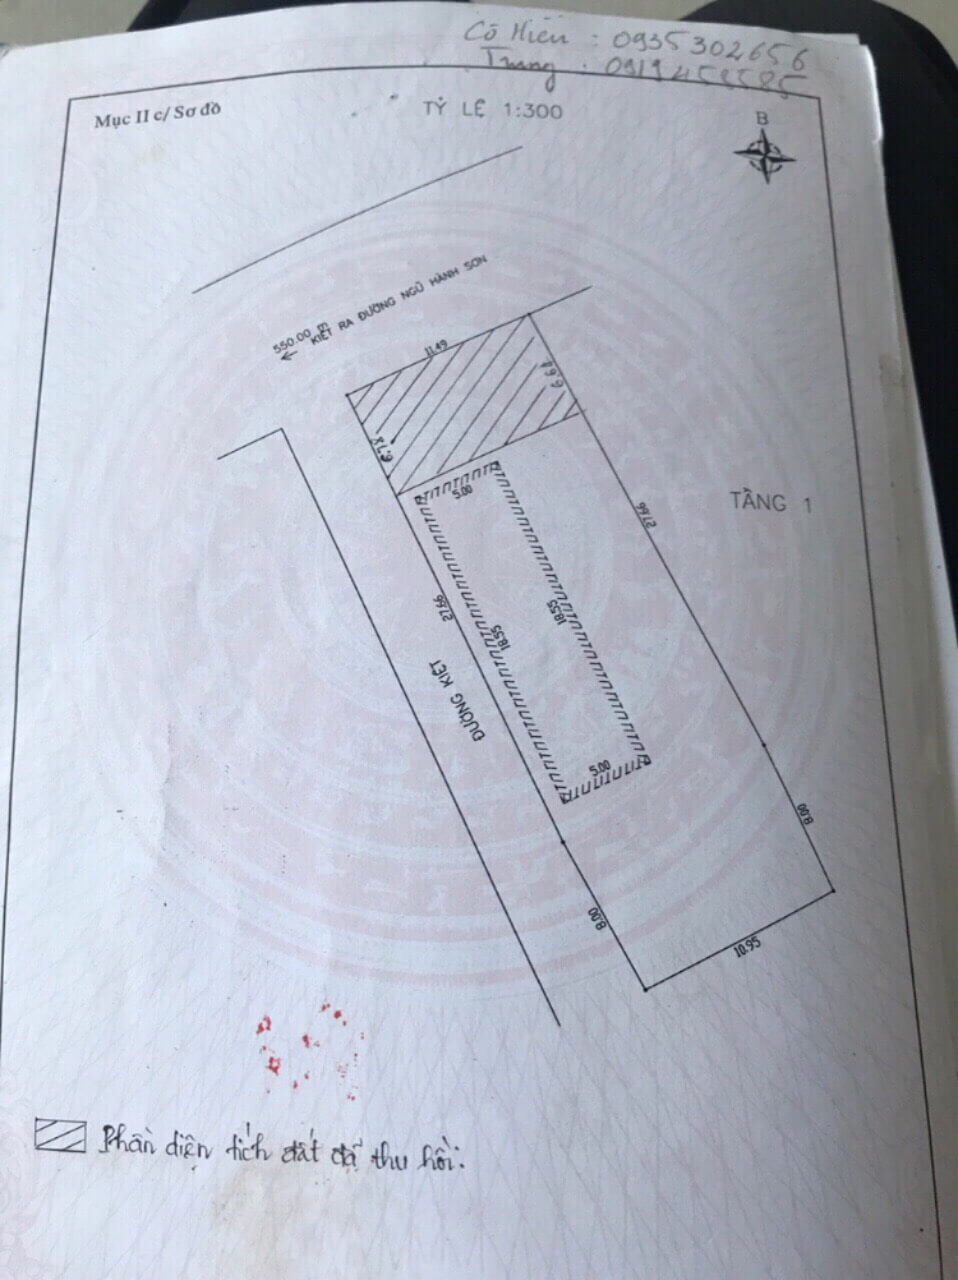 bán đất đường Bà Huyện Thanh Quan - Ngũ Hành Sơn - Đà Nẵng